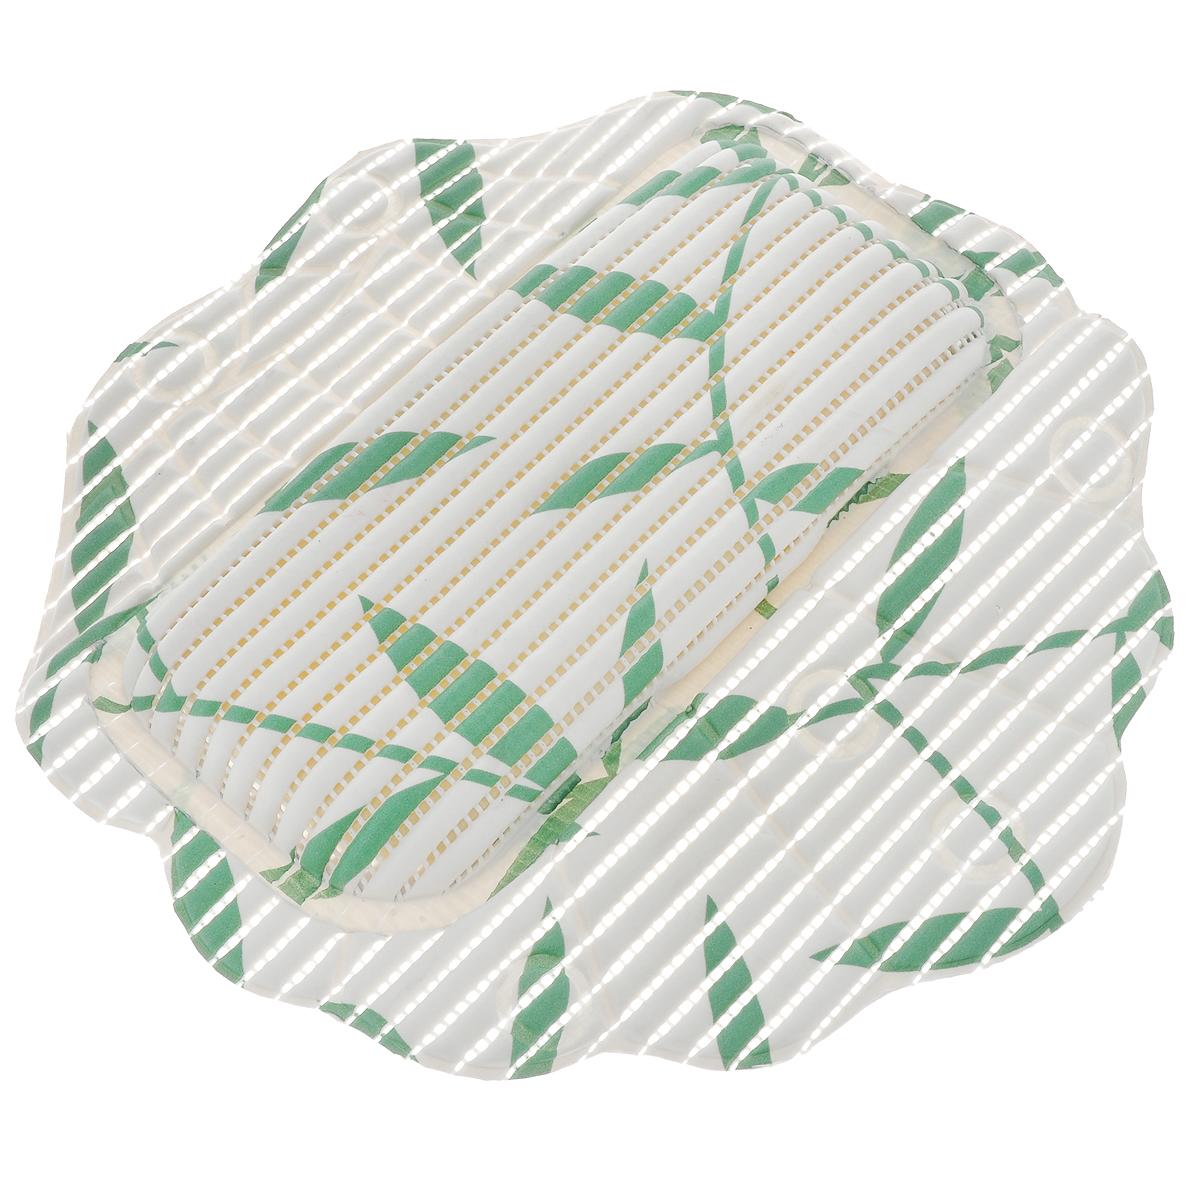 Подушка для ванны Fresh Code Flexy, на присосках, цвет: белый, зеленый, 33 см х 33 см80653Подушка для ванны Fresh Code Flexy обеспечивает комфорт во время принятия ванны. Крепится на поверхность ванной с помощью присосок. Выполнена из ПВХ.